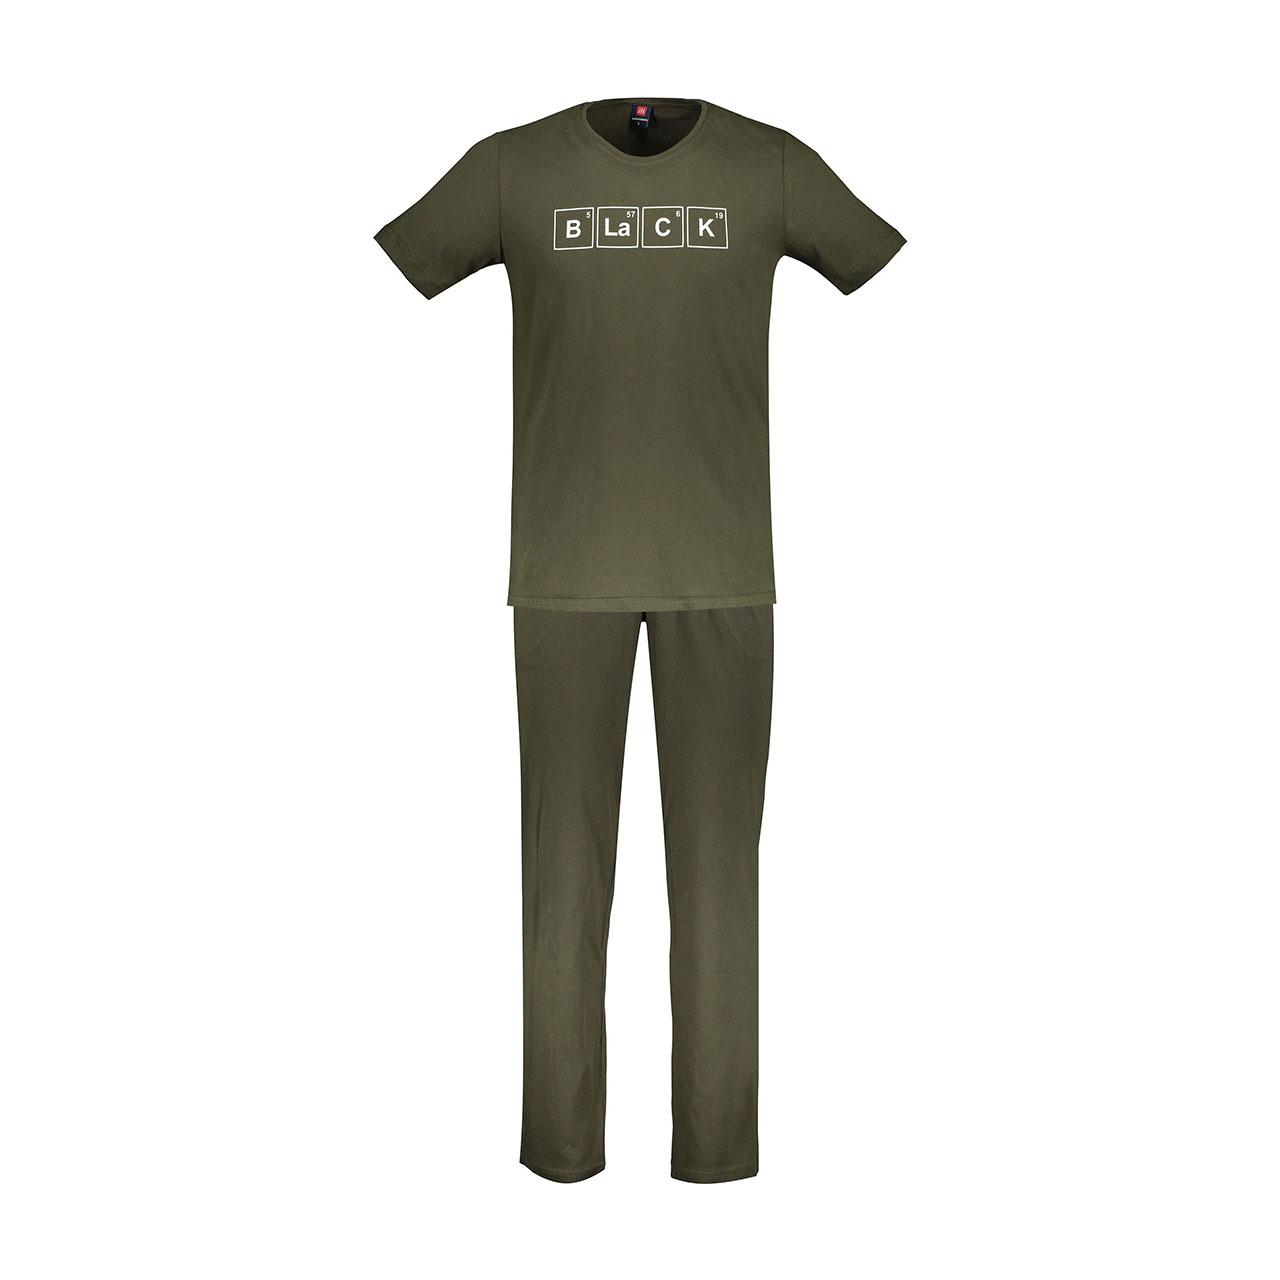 تصویر ست تی شرت و شلوار مردانه جامه پوش آرا مدل 4031016456-43